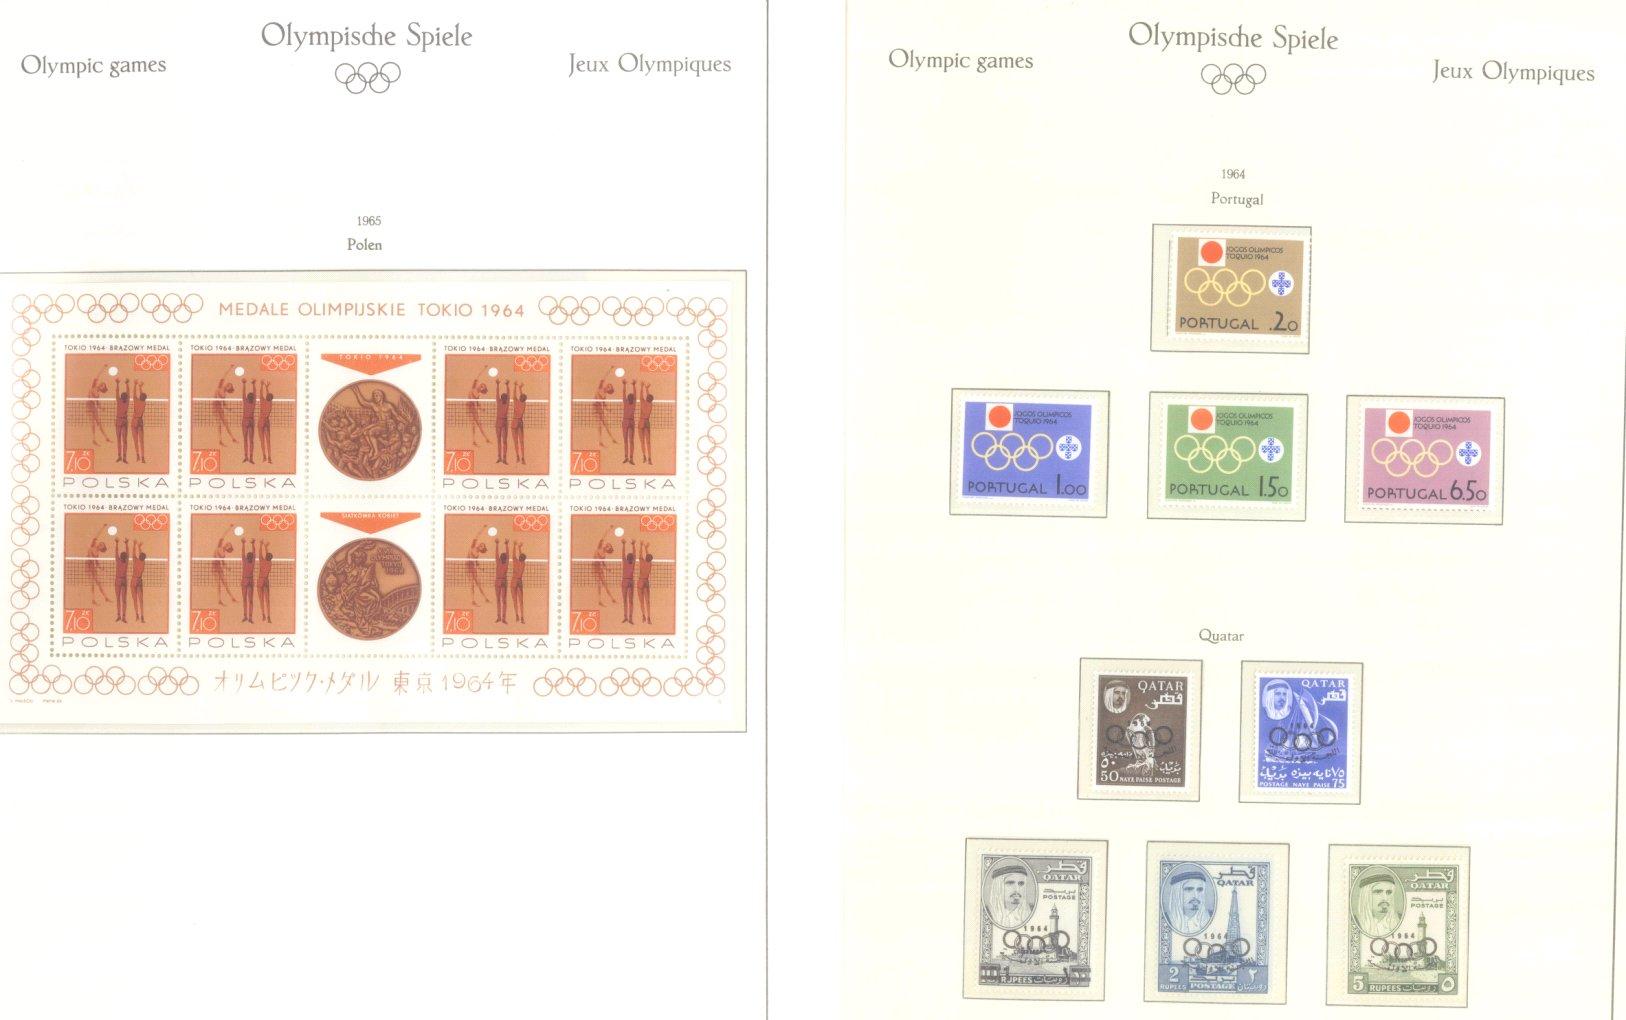 OLYMPISCHE SPIELE 1964 TOKIO, postfrische Sammlung Teil 2-26